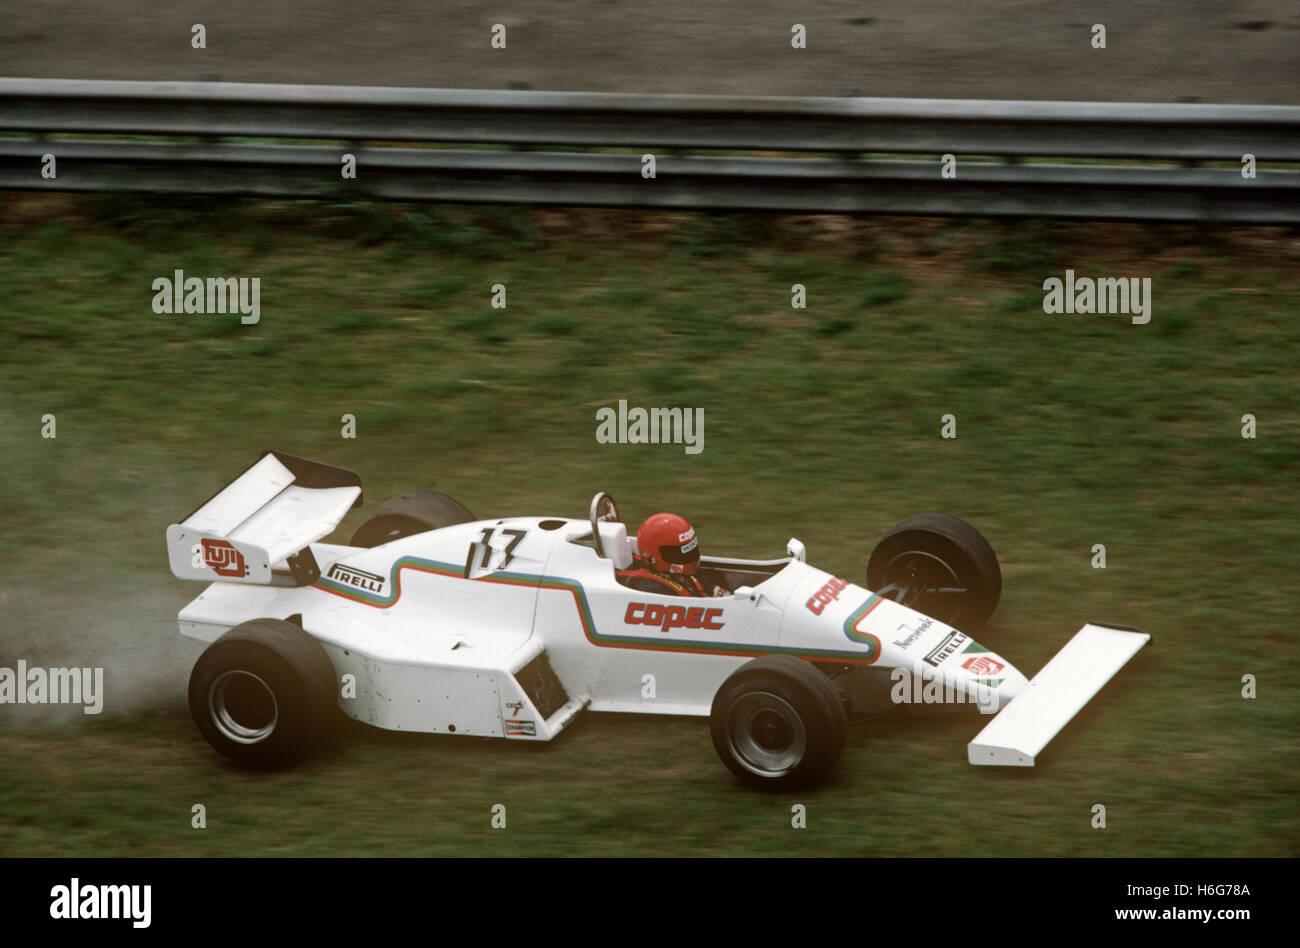 Eliseo Salazar's Mars 1983 GP du Brésil à Rio Formule d'Amérique du Sud sur l'herbe spéciale Photo Stock